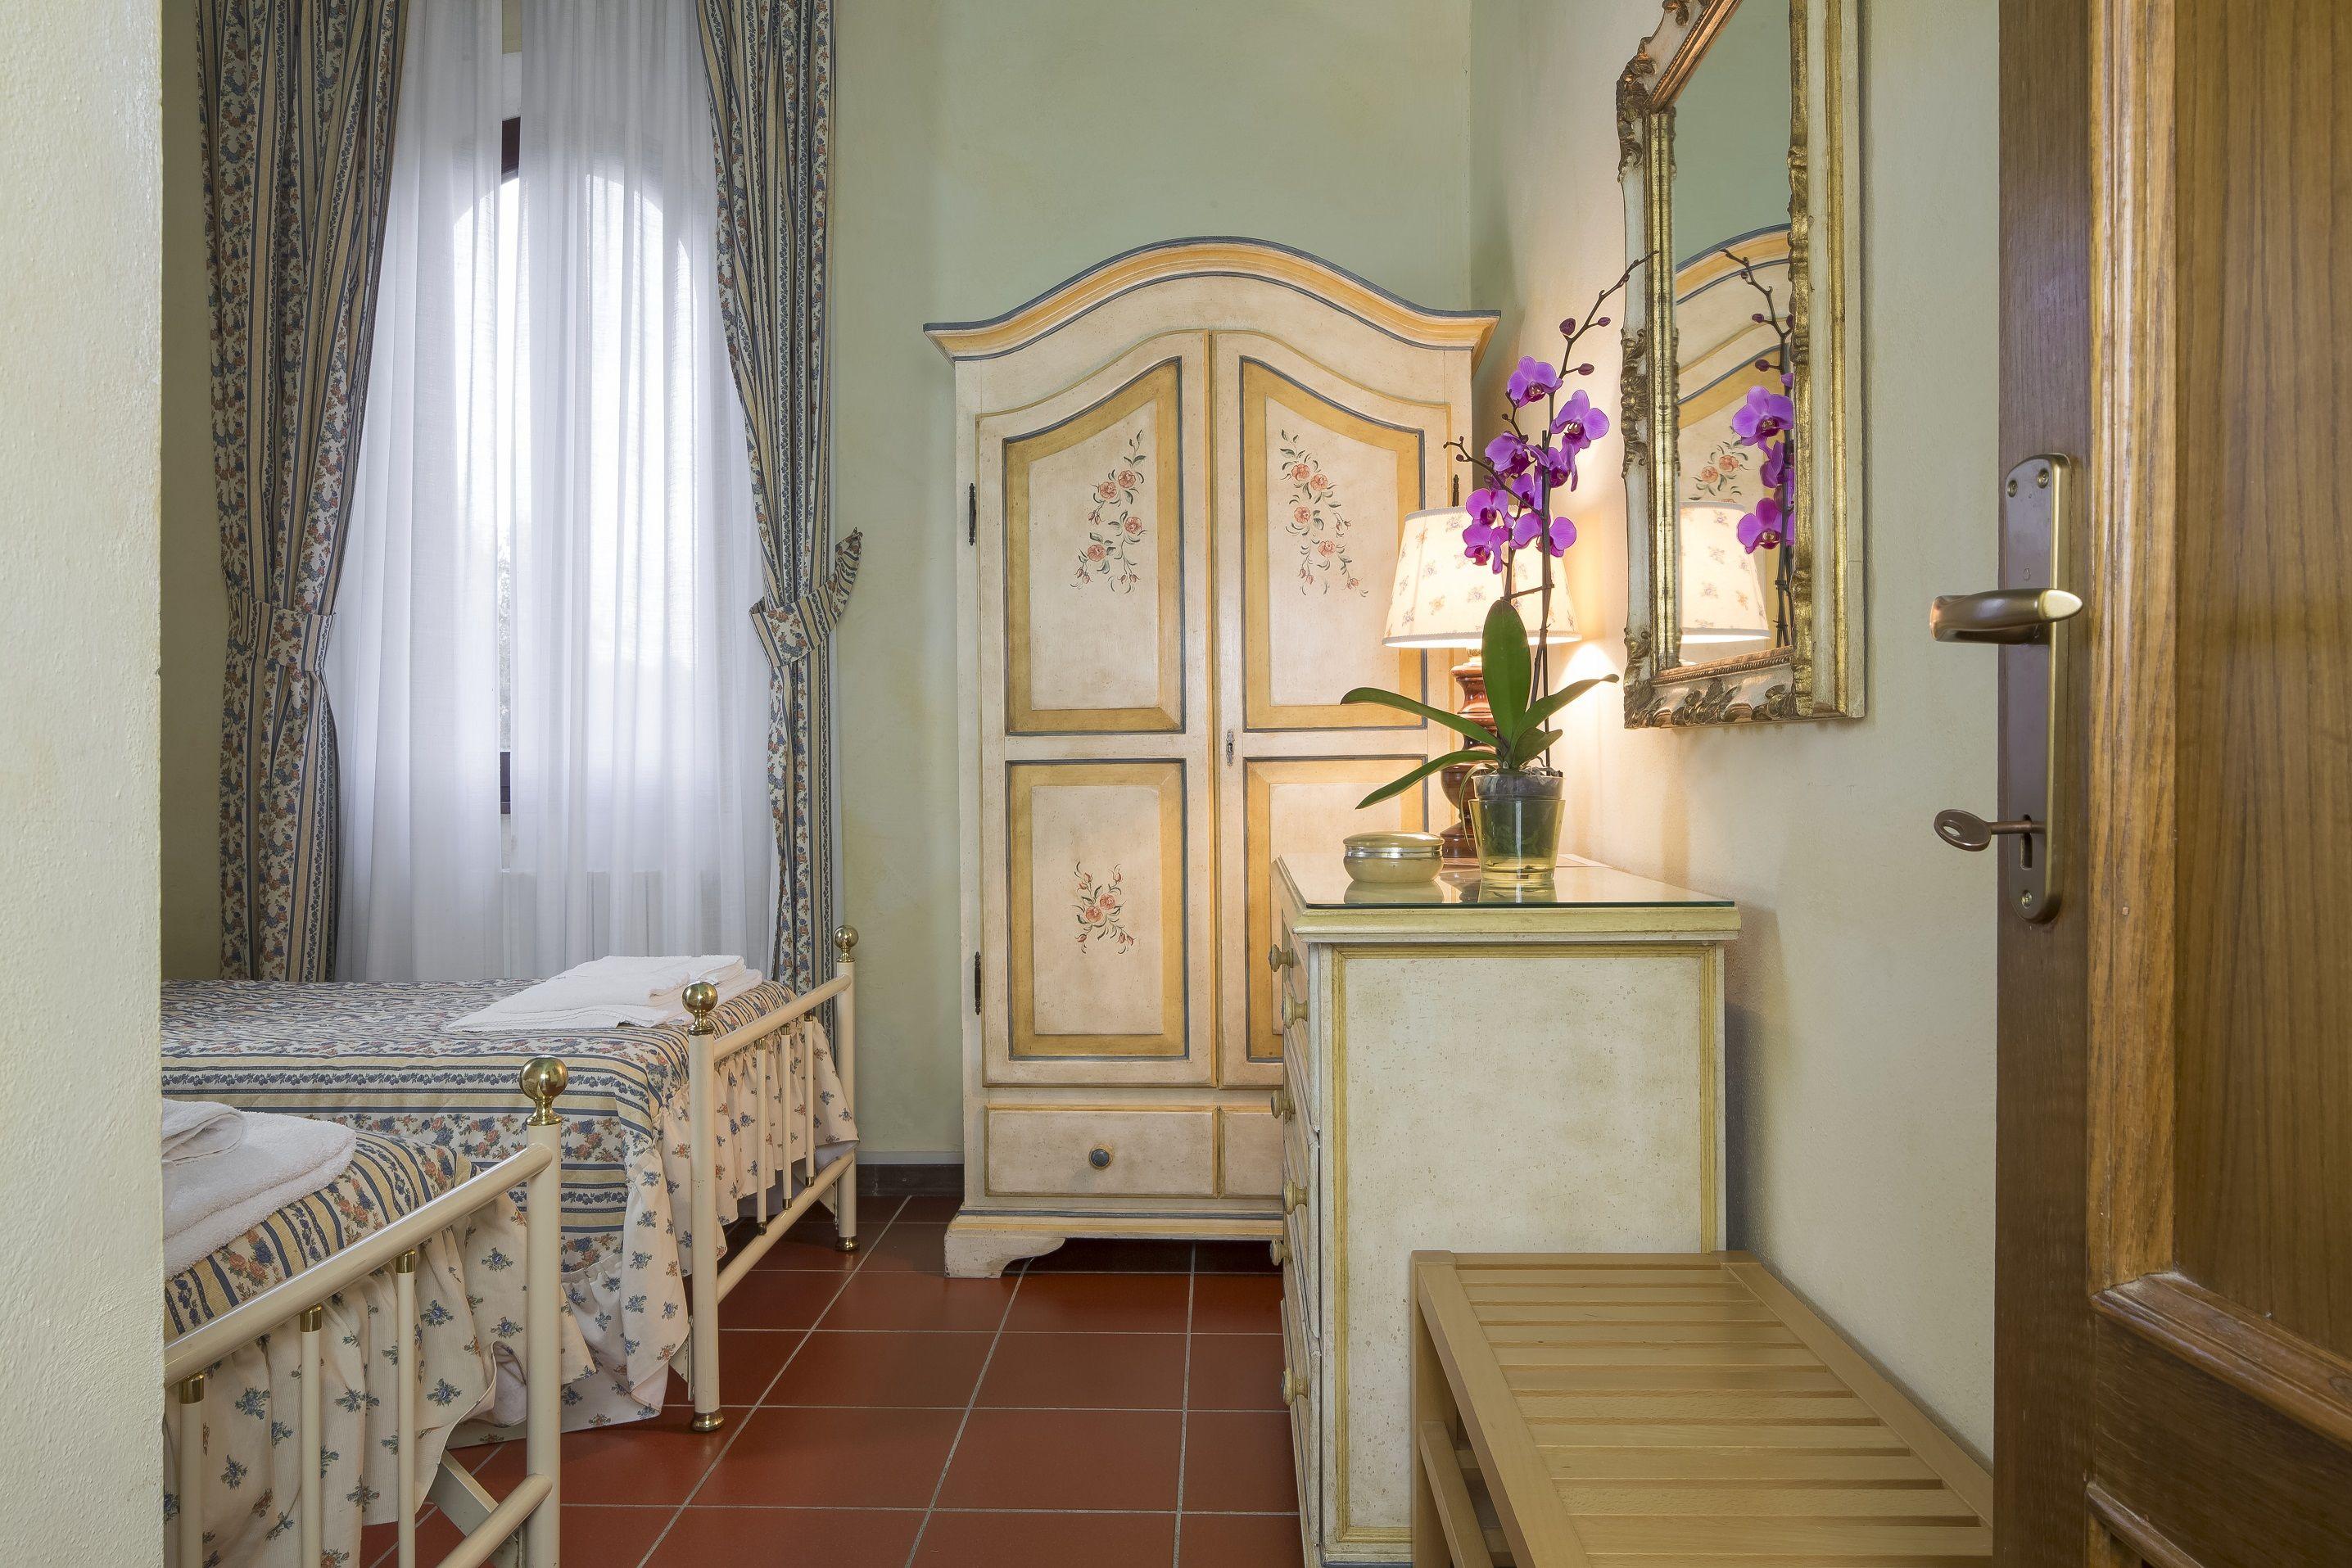 Apartment Bosco Lazzeroni Residence - Nabucco Holiday Home photo 16984576